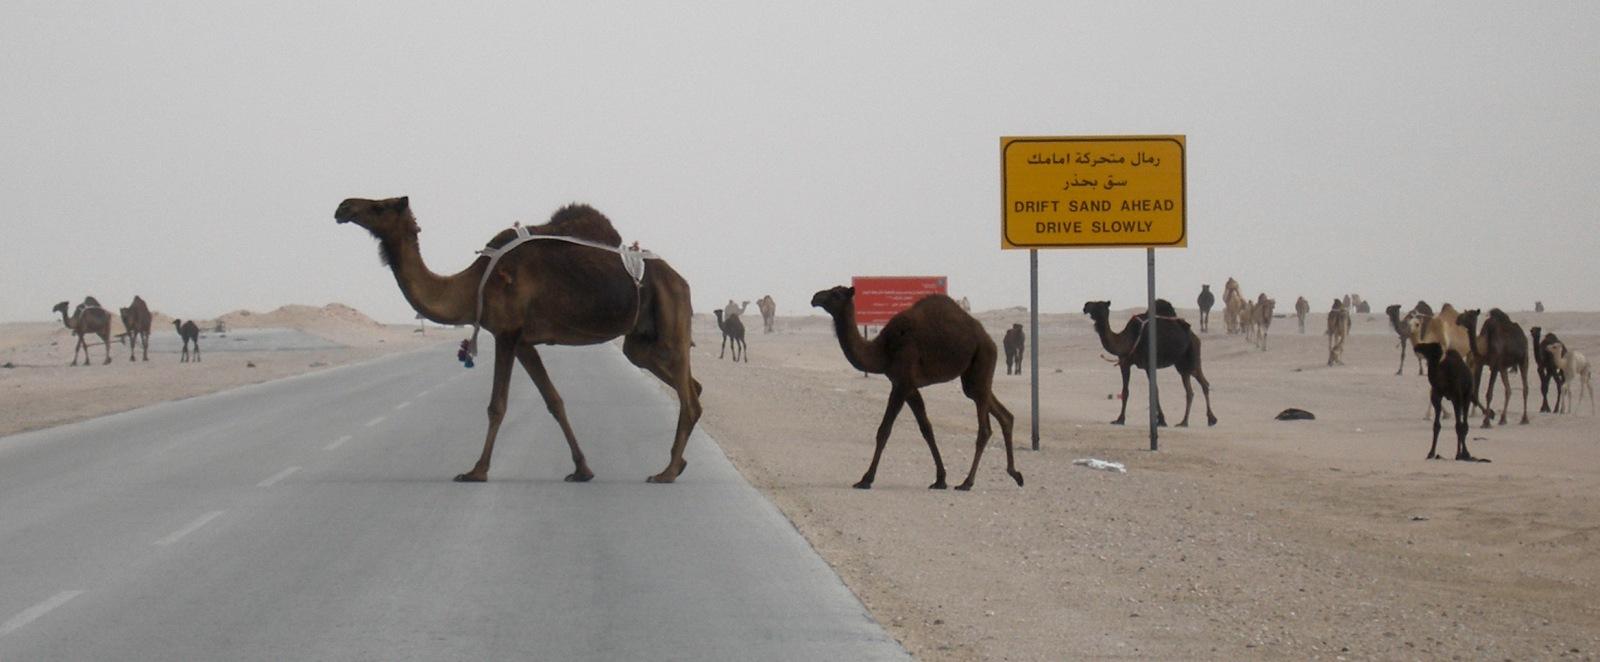 Traffic jam,  Rub al Khali_ by nickcarding